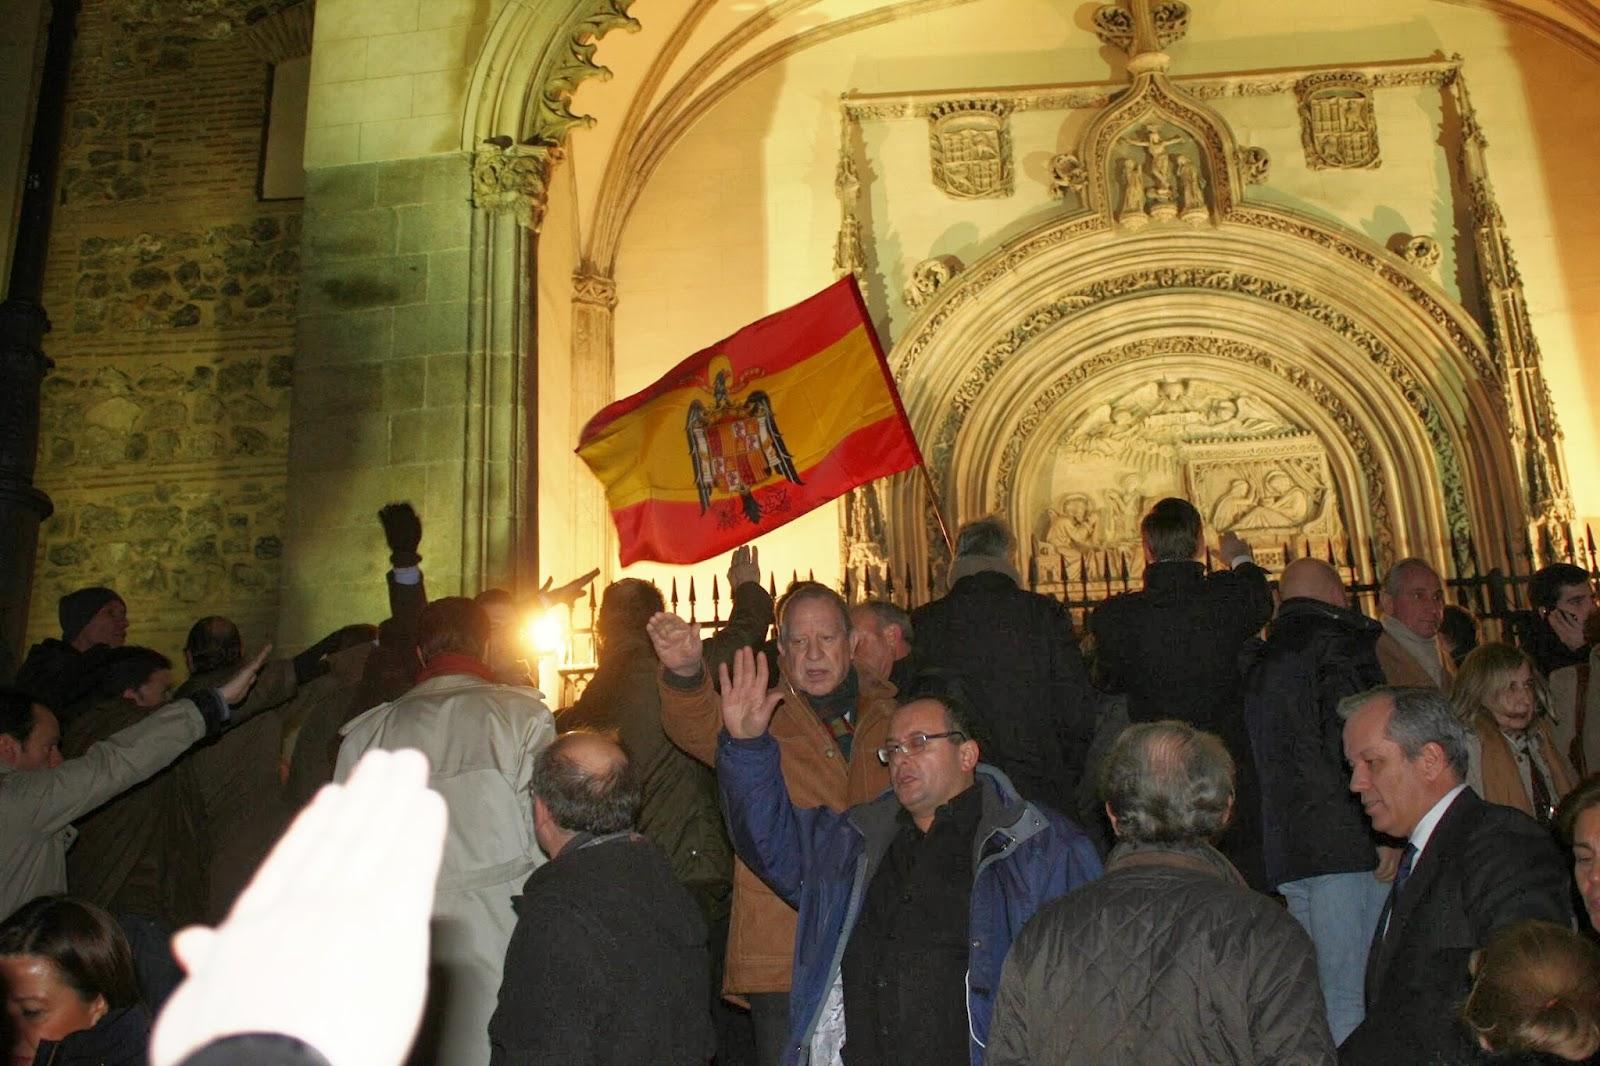 Momento en que los asistentes entonaron el Cara al Sol en la puerta de la Iglesia de los Jerónimos. AJE